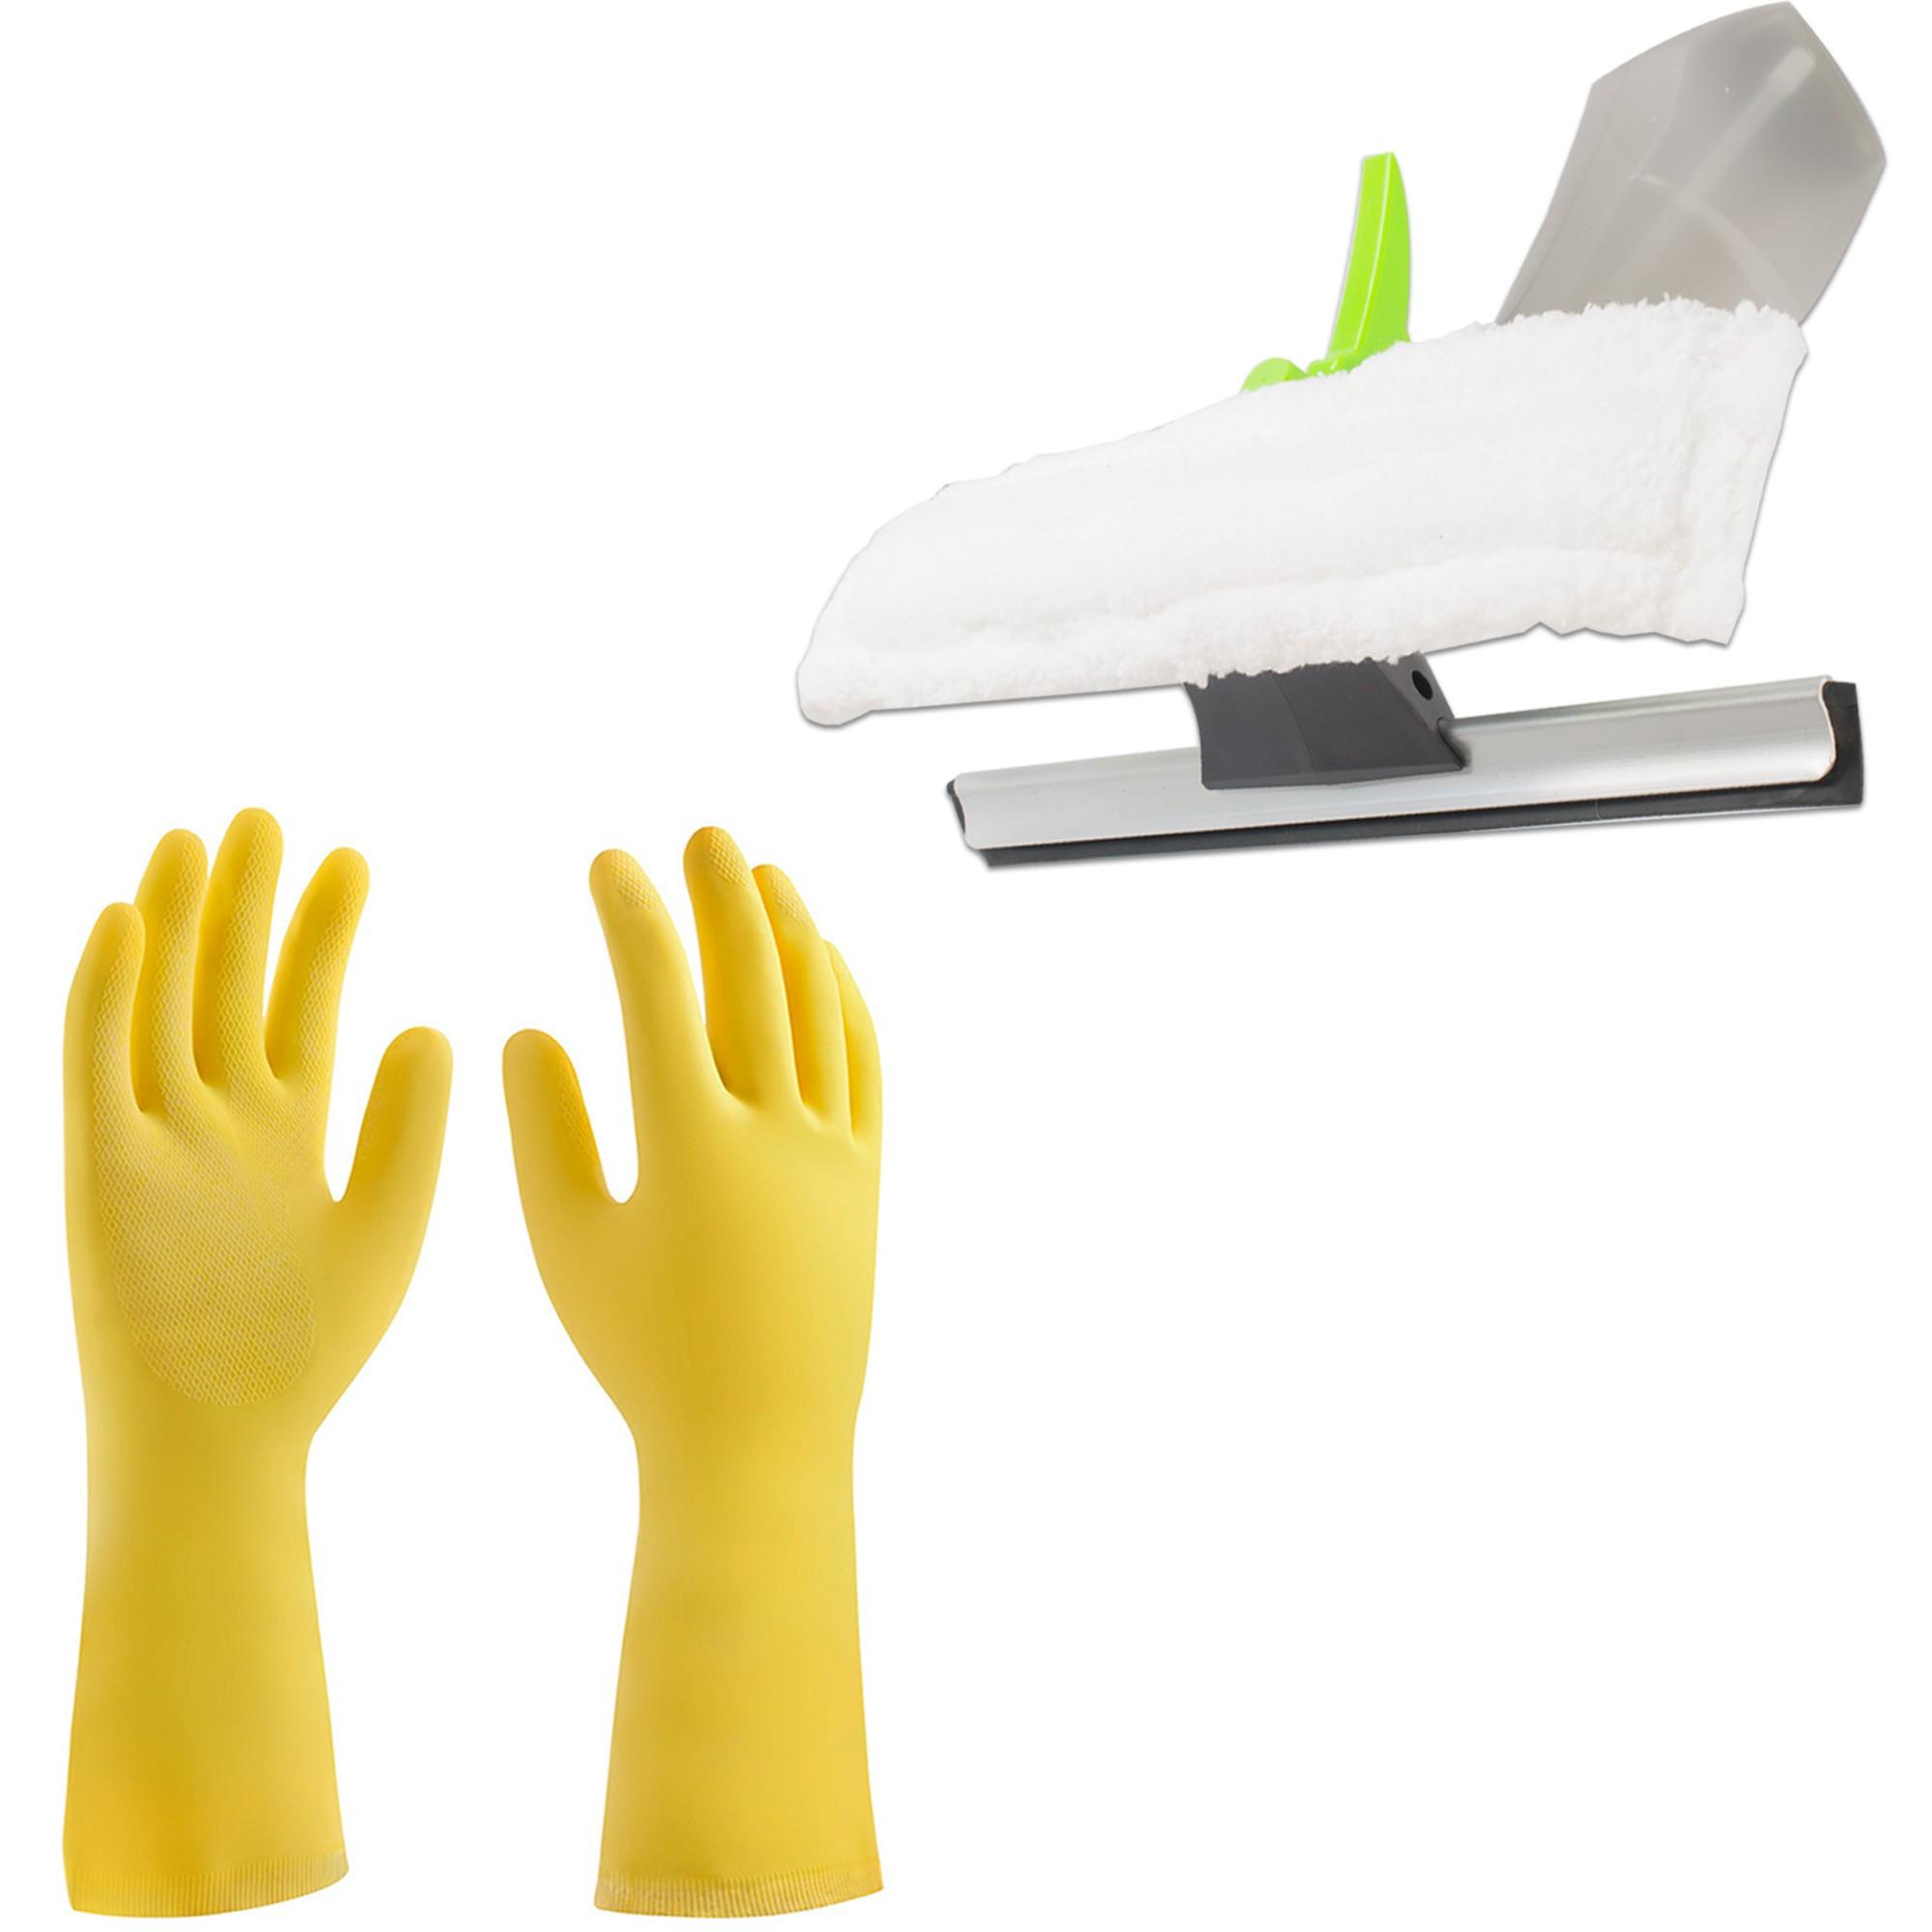 Mop Giratório C/ 3 Refis, Limpa Vidros Borrifador e Luva Látex